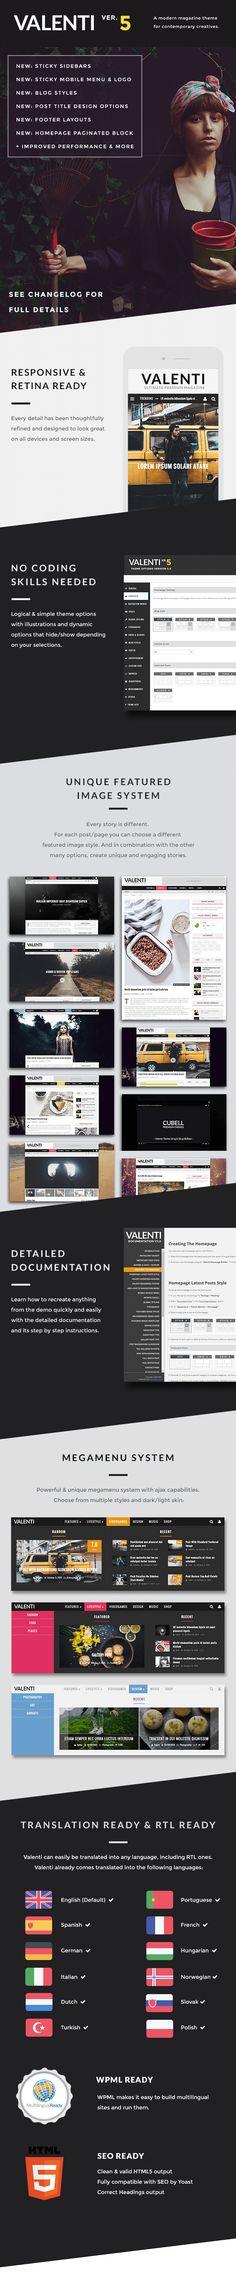 Valenti - WordPress HD Review Magazine News Theme • Download theme ➝…